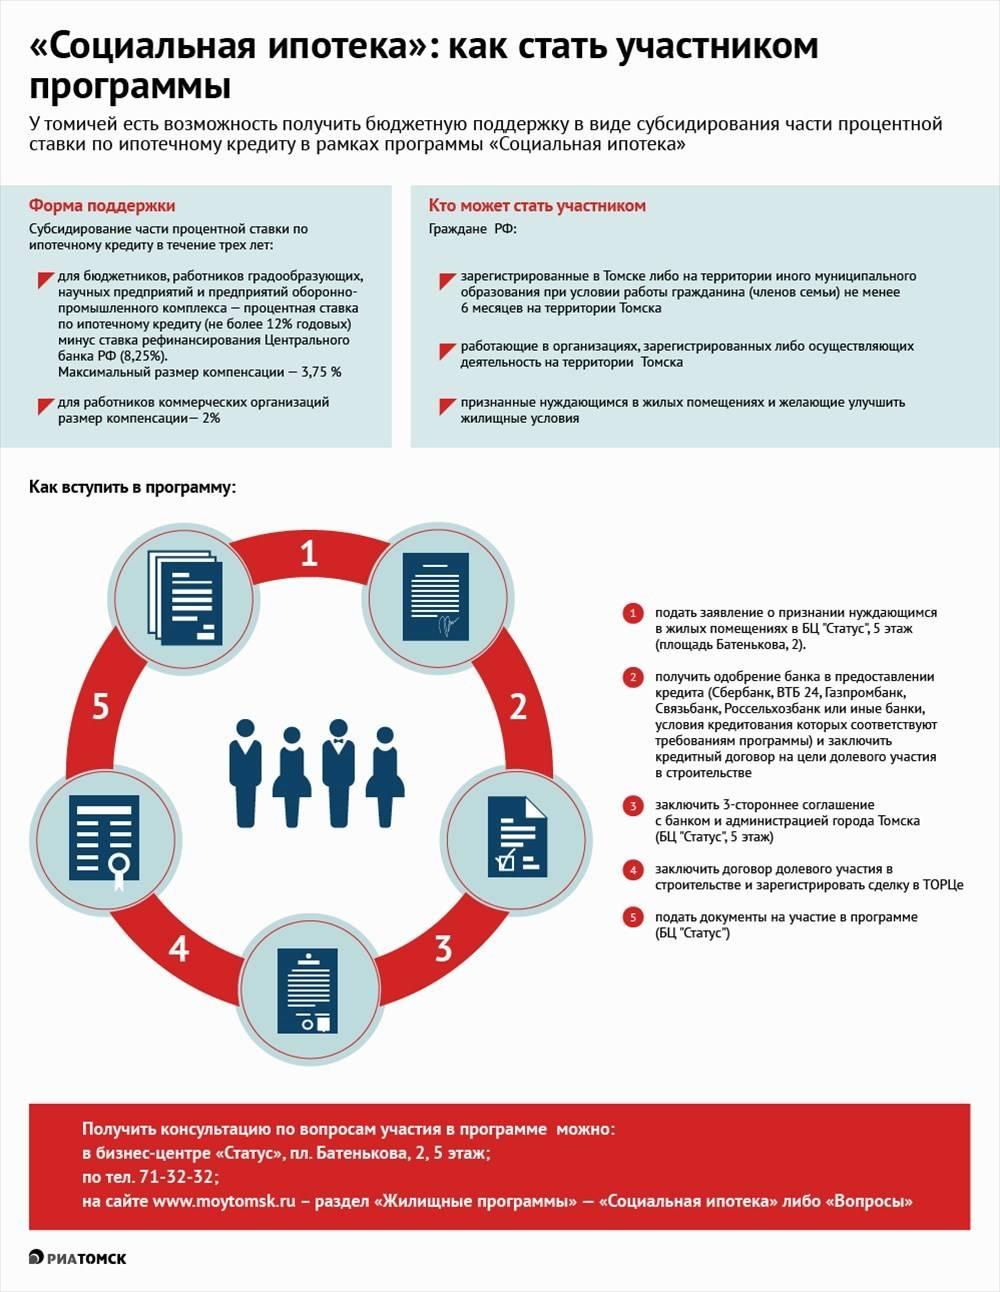 Правила предоставления льготных ипотечных кредитов для работников бюджетной сферы - госуслуги личный кабинет